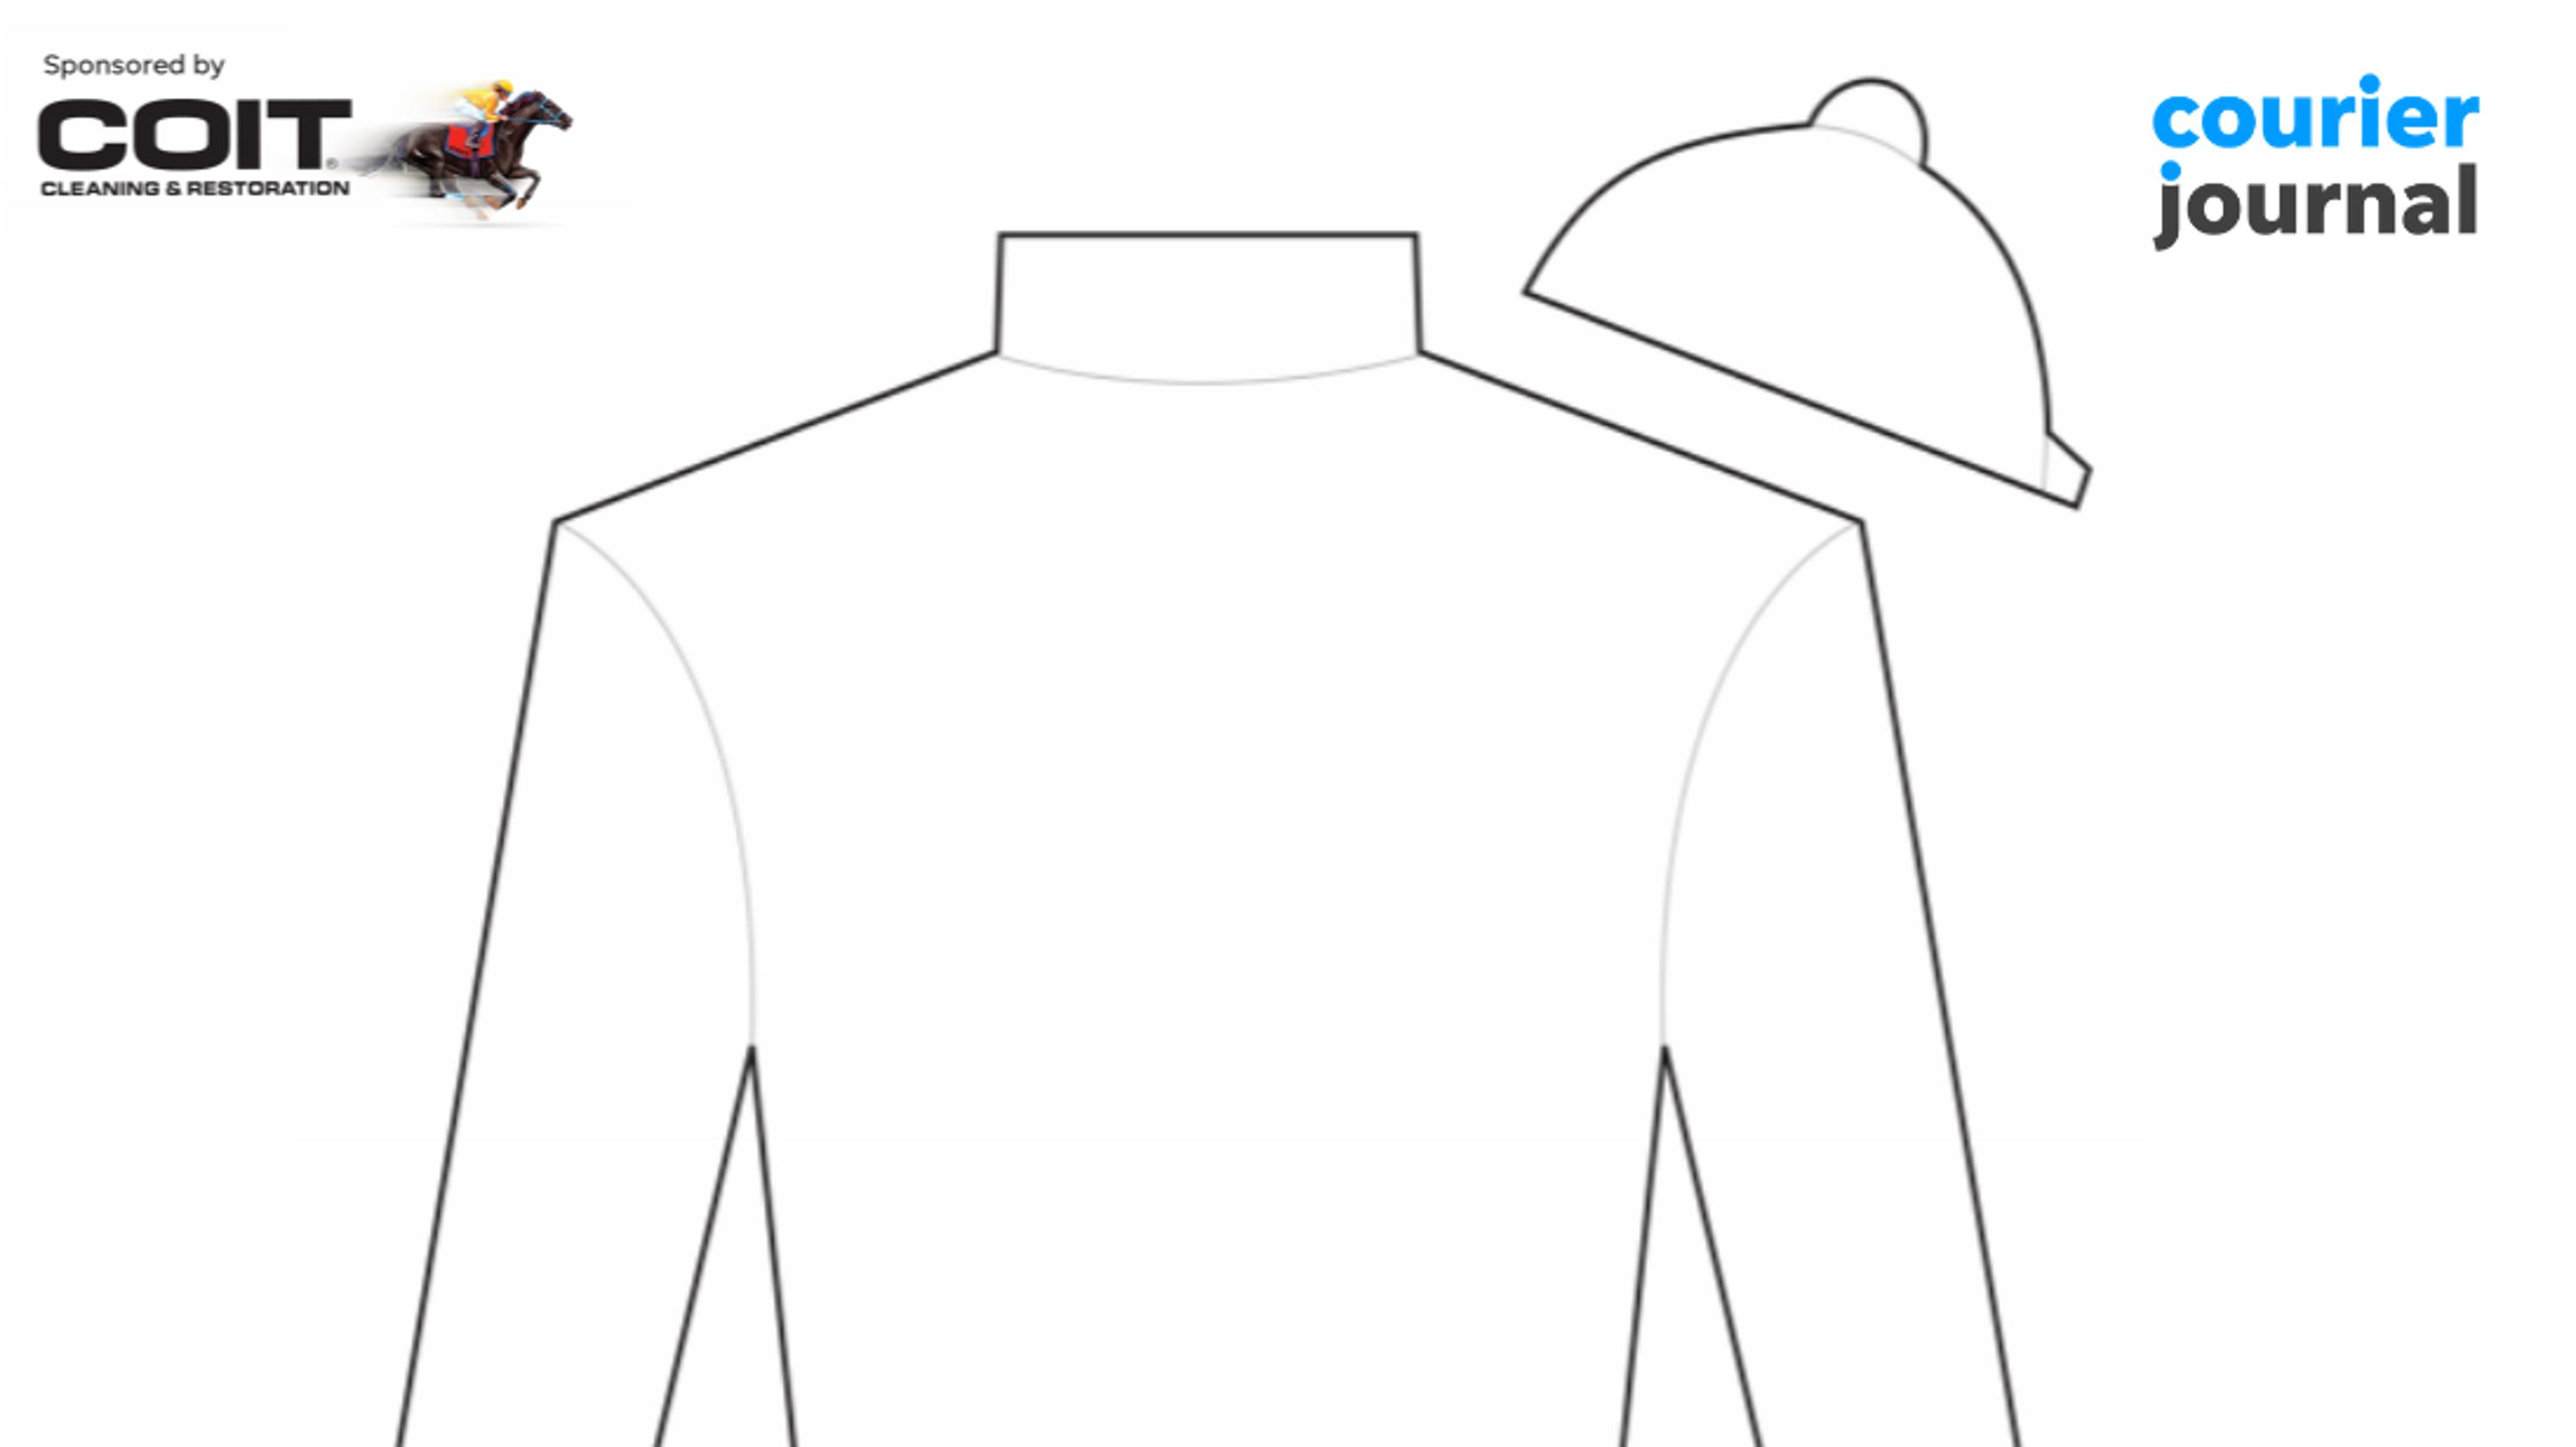 Kentucky Derby 2019: Win $100 jockey silks coloring contest